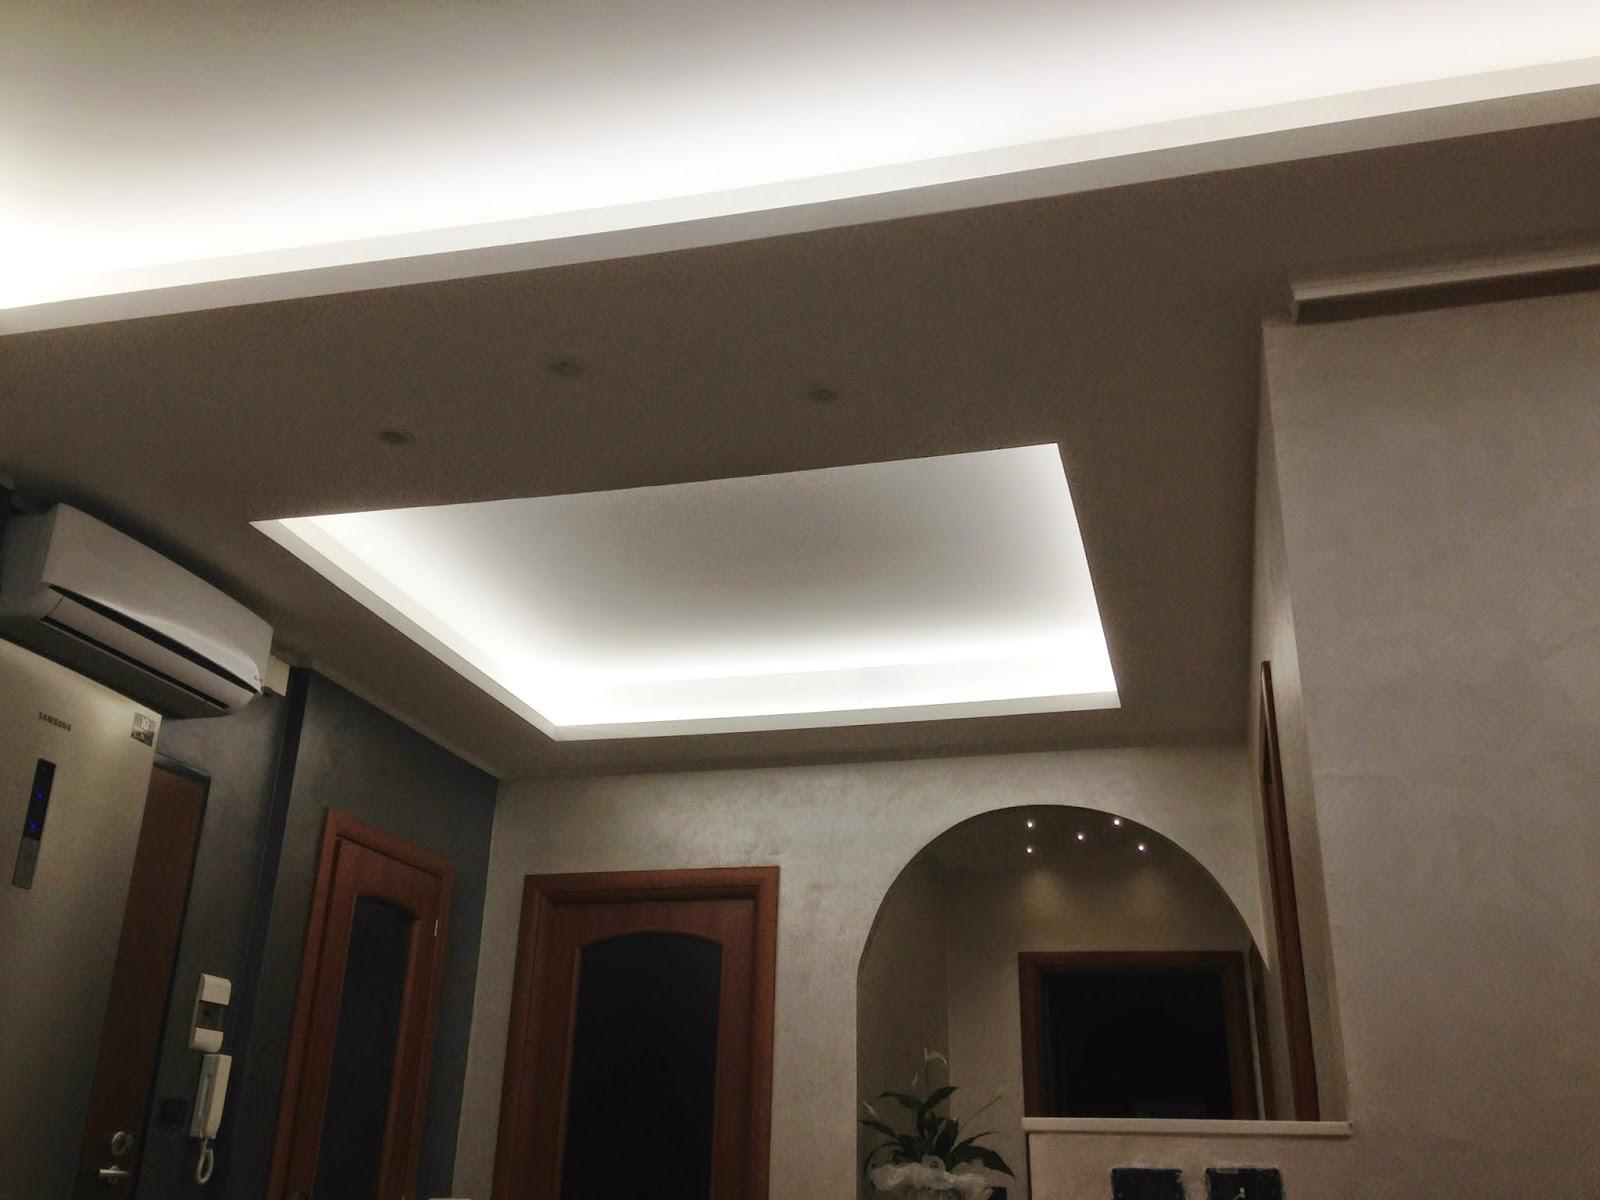 Illuminazione led casa dicembre 2014 for Illuminazione led casa esterno